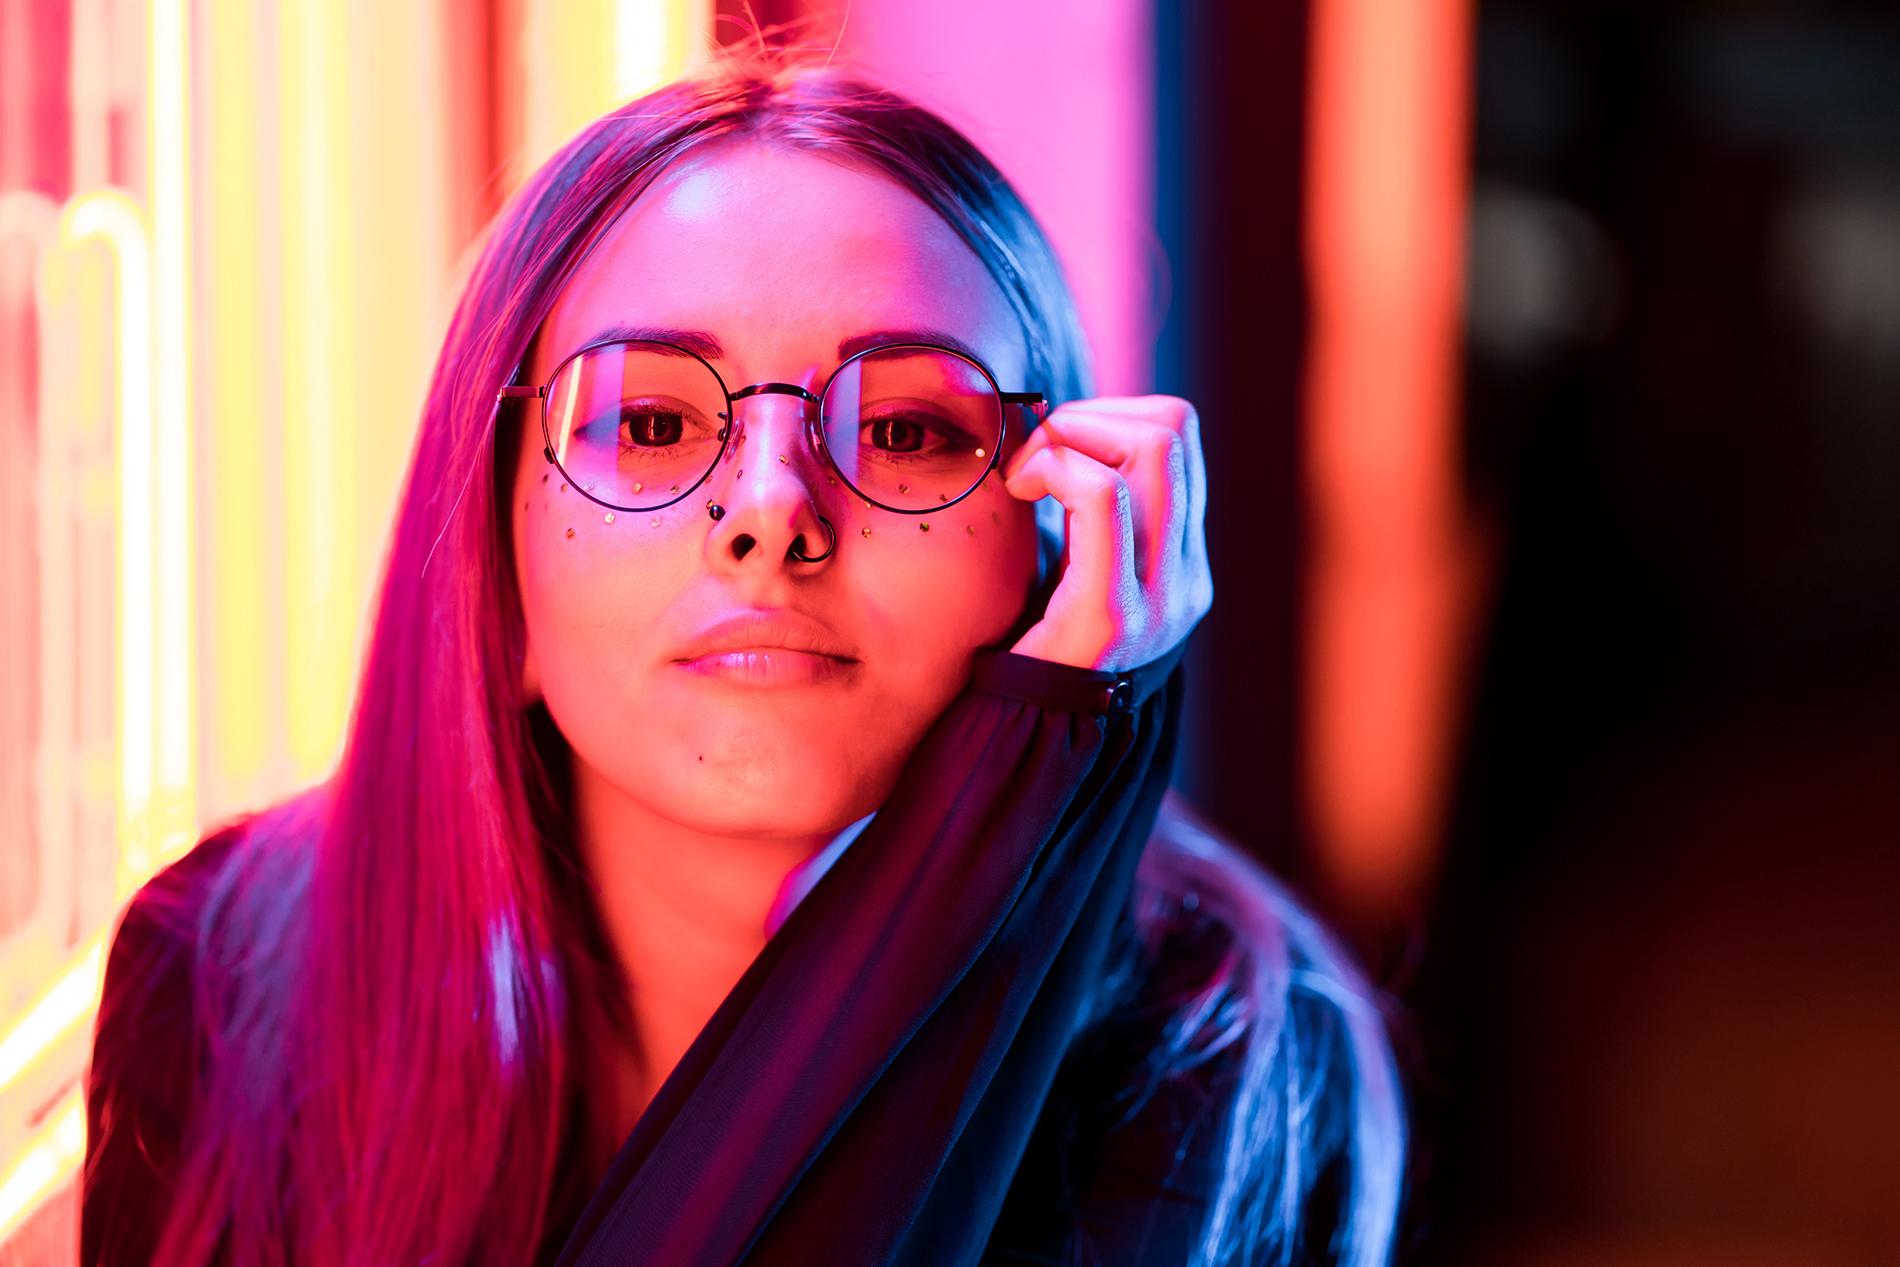 Nuori naisoletettu korjaa silmälasiensa asentoa ja katsoo kiinnostuneena tarkemmin kohti